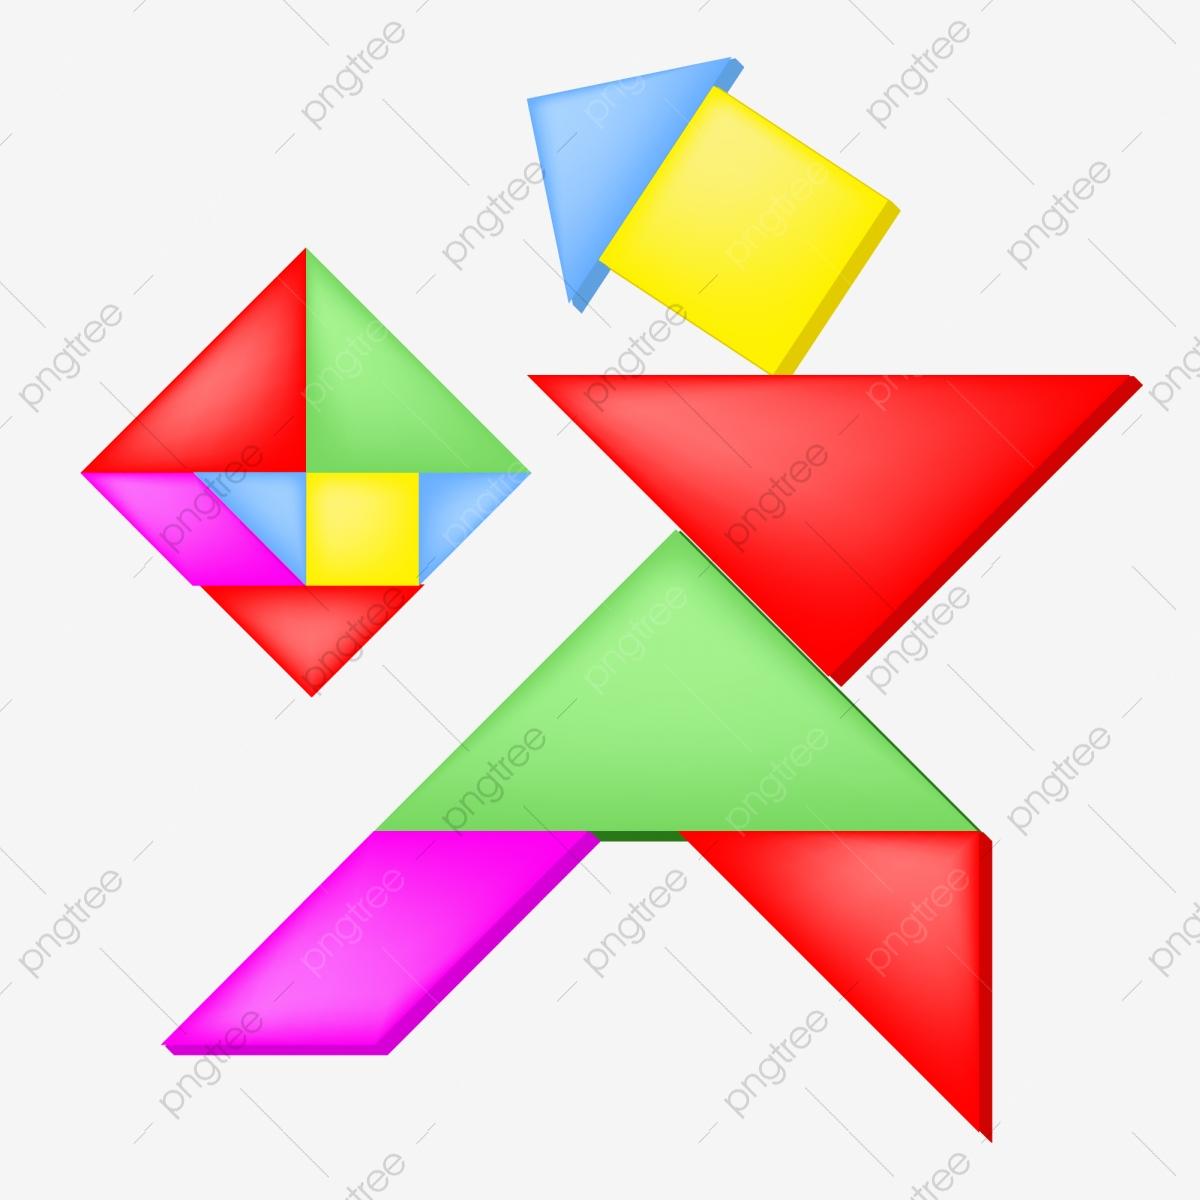 Tangram Couleur Jeu Géométrique Illustration, De, Couleur dedans Jeux De Tangram Gratuit